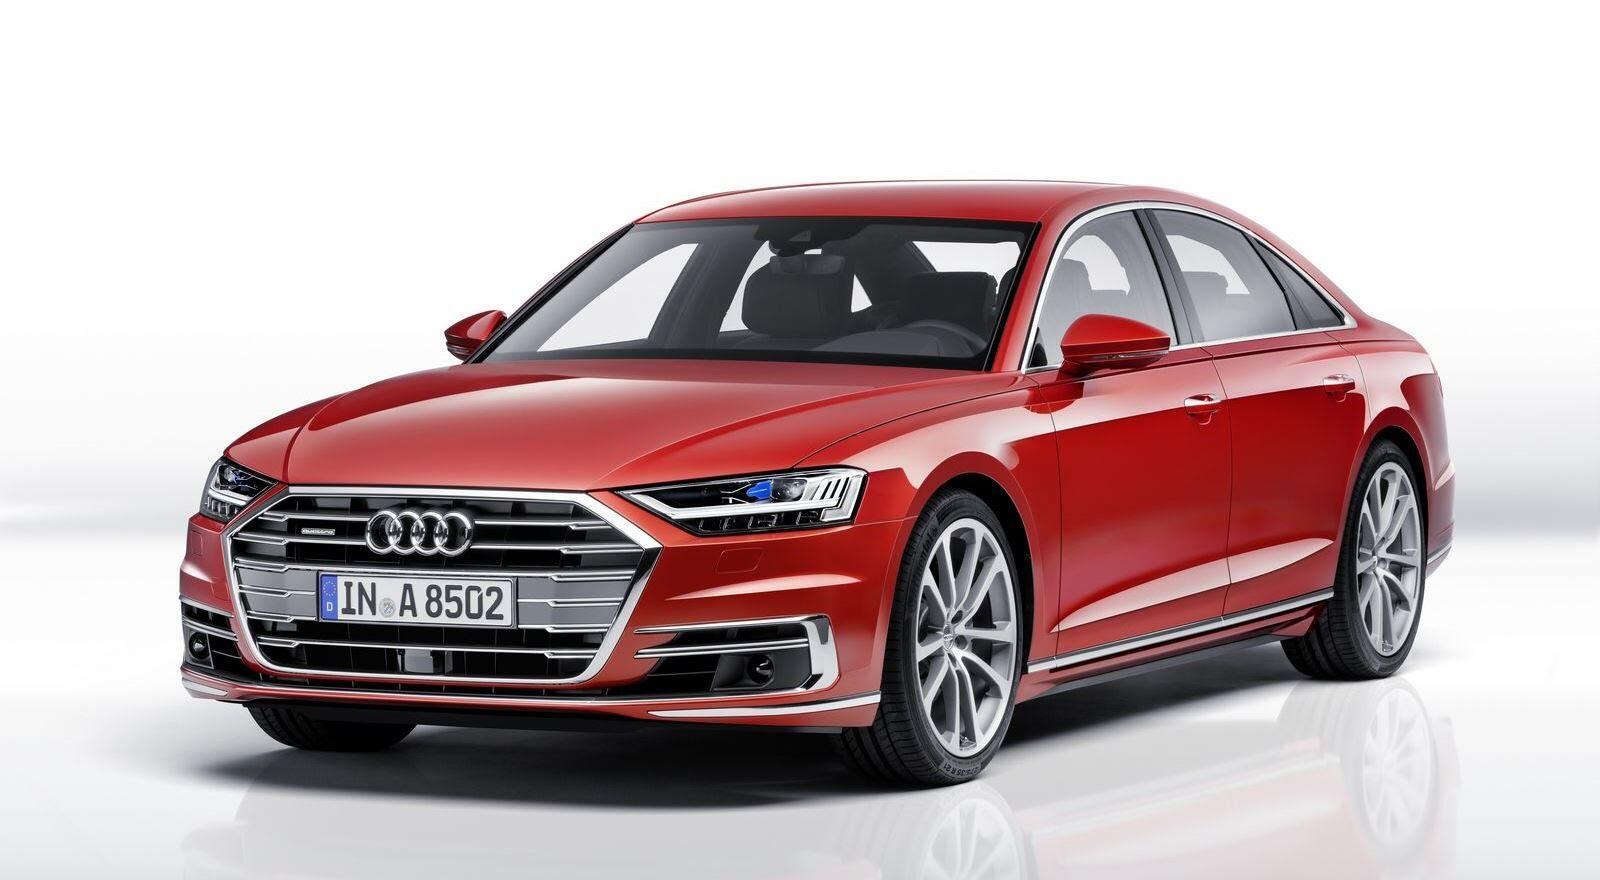 Audi A8 hoàn toàn mới chính thức ra mắt với đầy ắp công nghệ - Hình 1